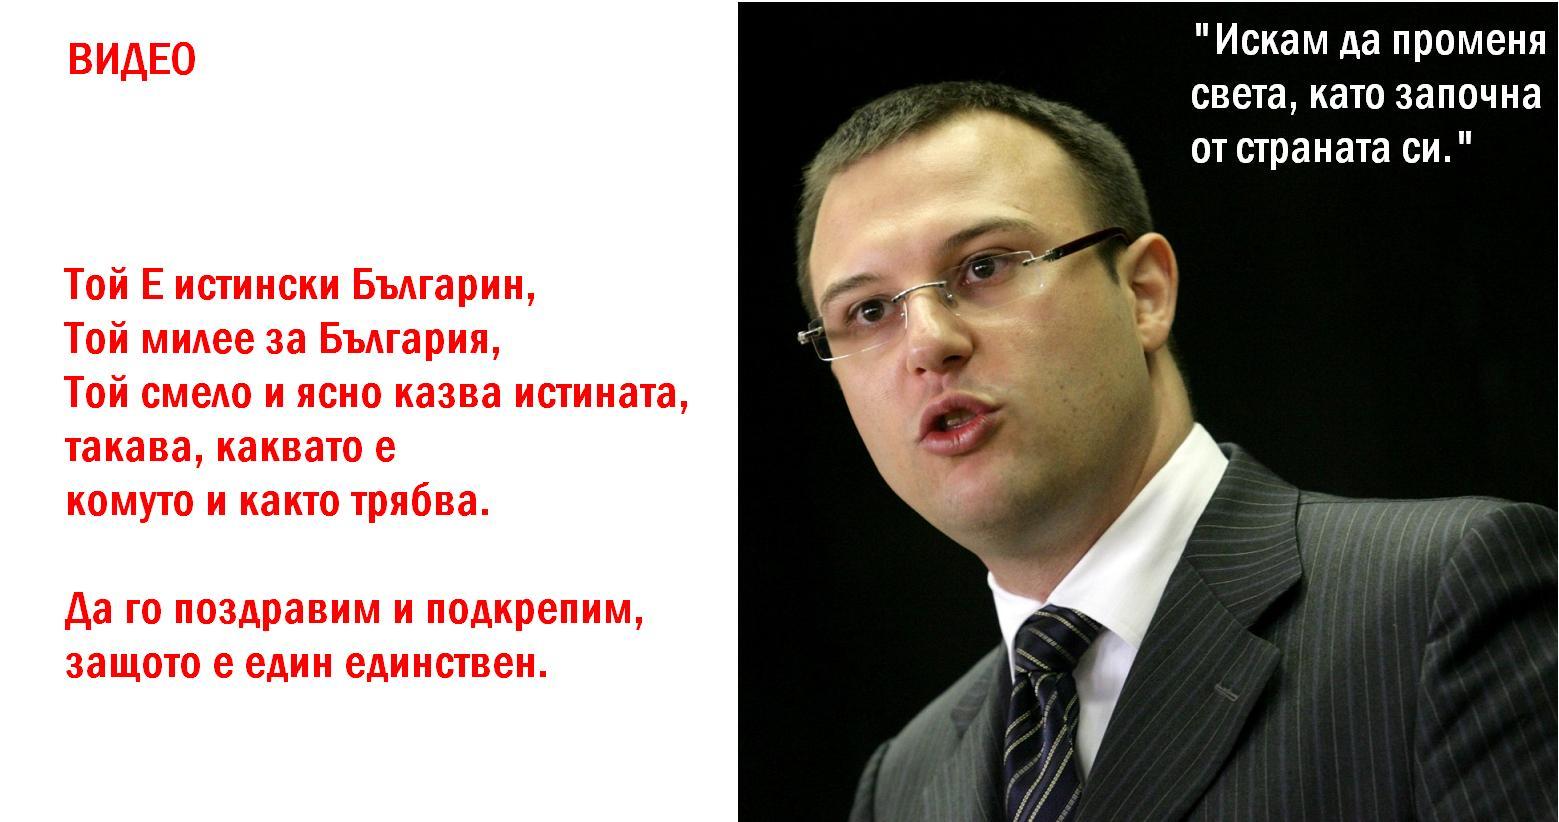 Димитър Стоянов изказване в Европейски парламент внук на Радой Ралин